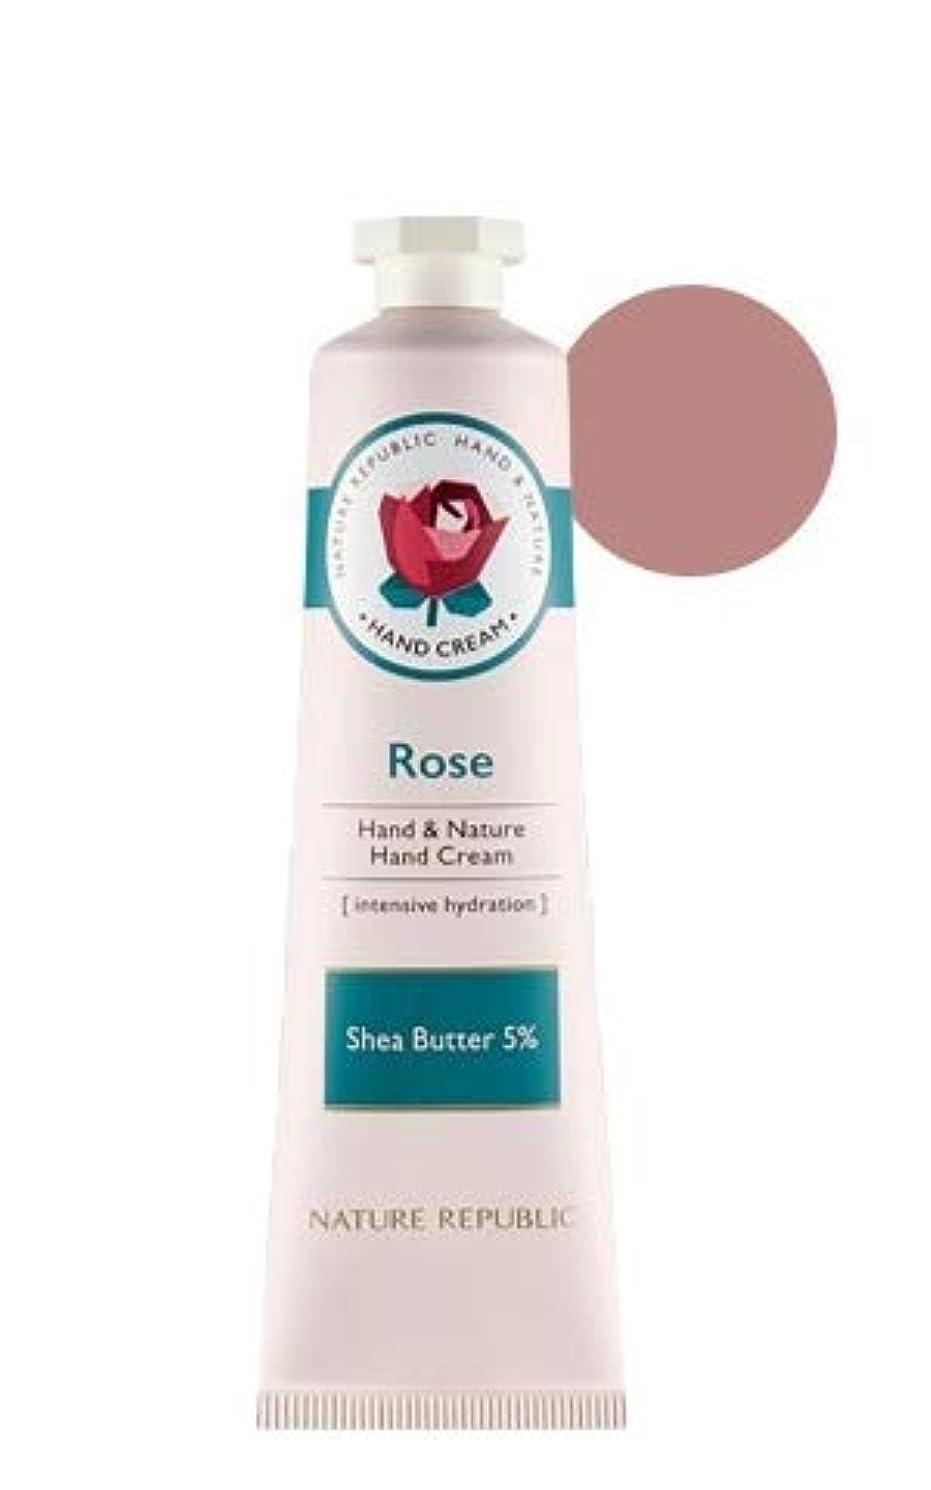 [リニューアル]ネイチャーリパブリック NATURE REPUBLIC ハンドアンドネイチャーハンドクリーム Hand & Nature Hand Cream (# ROSE) [並行輸入品]